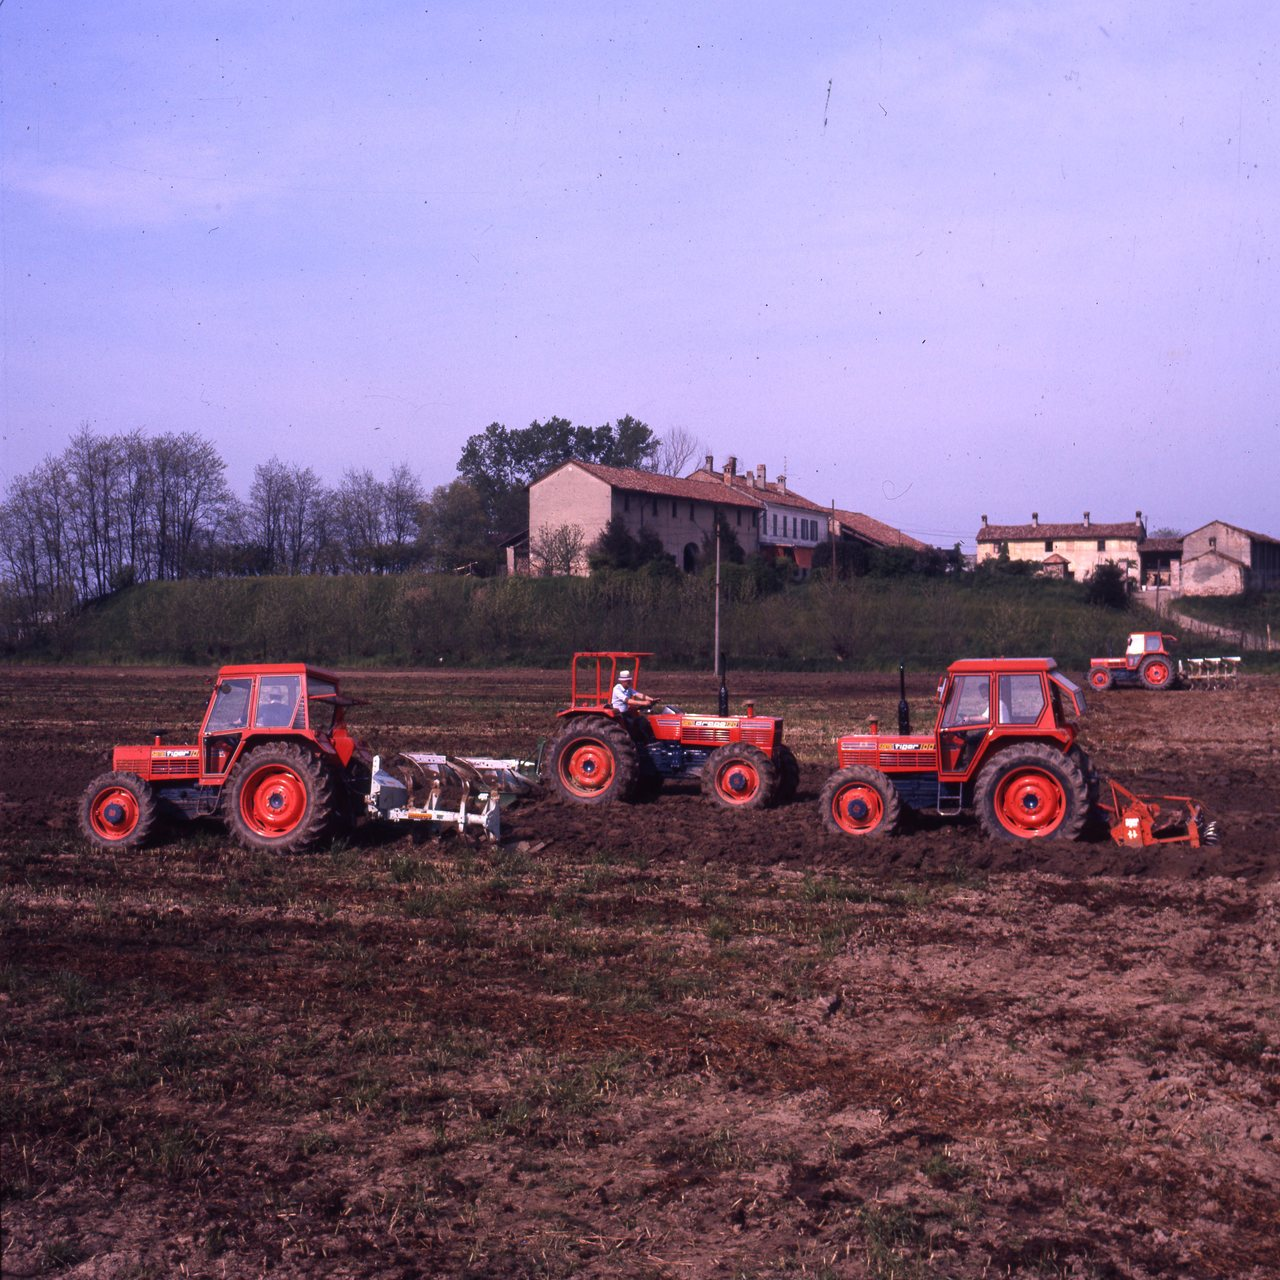 [SAME] trattori Tiger 100 e Drago 120 al lavoro in campo